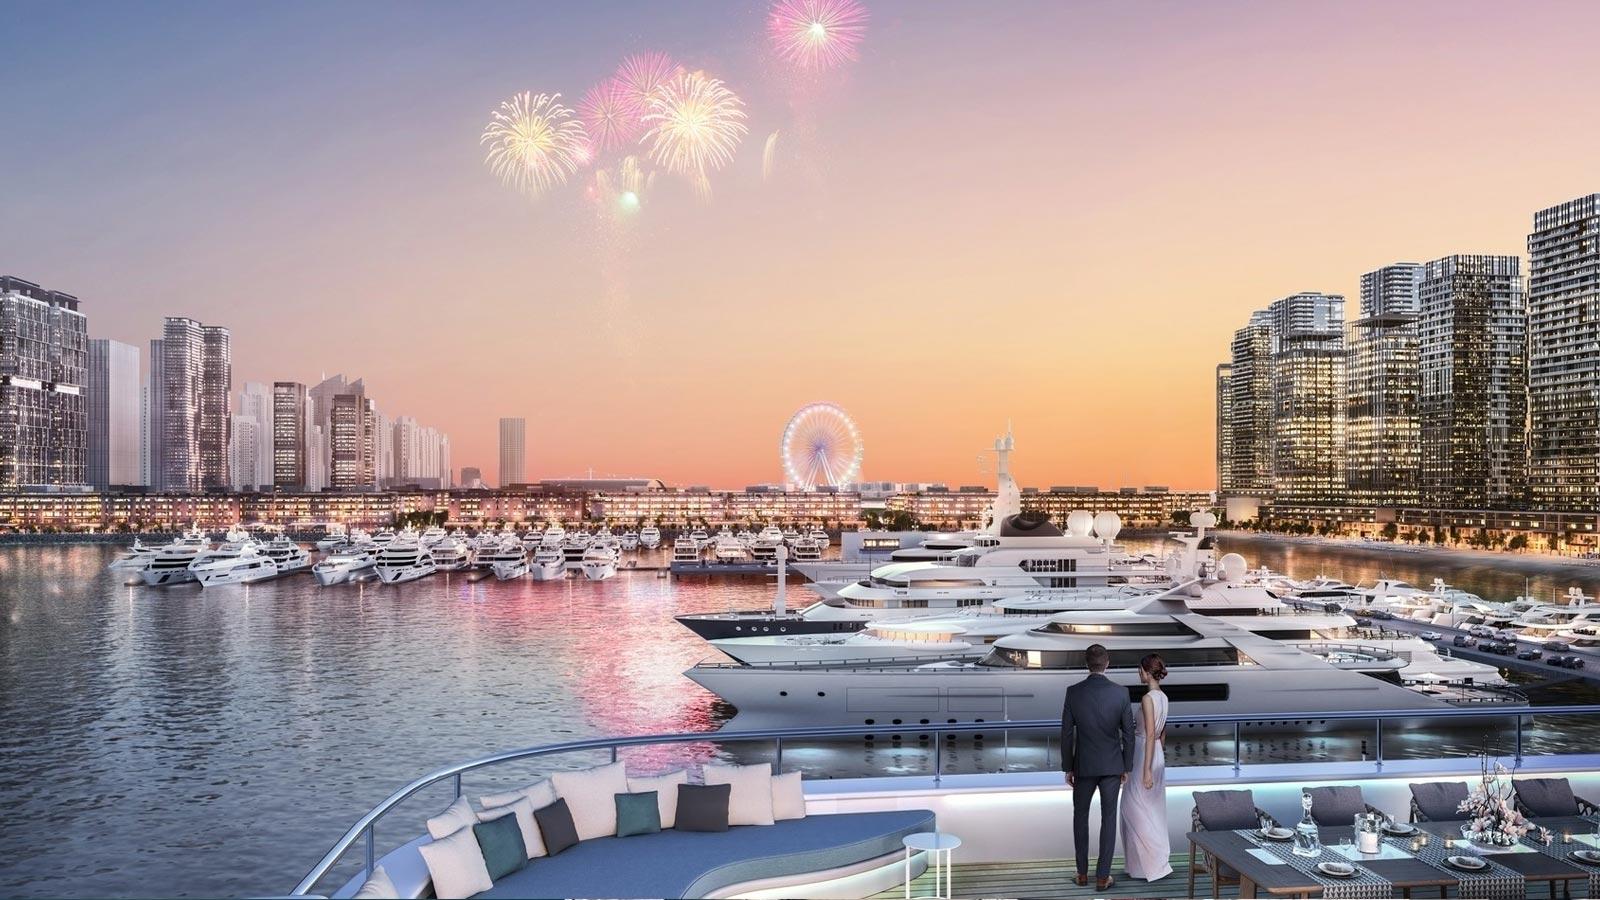 Дубай выставка яхт канарские острова недвижимость цены